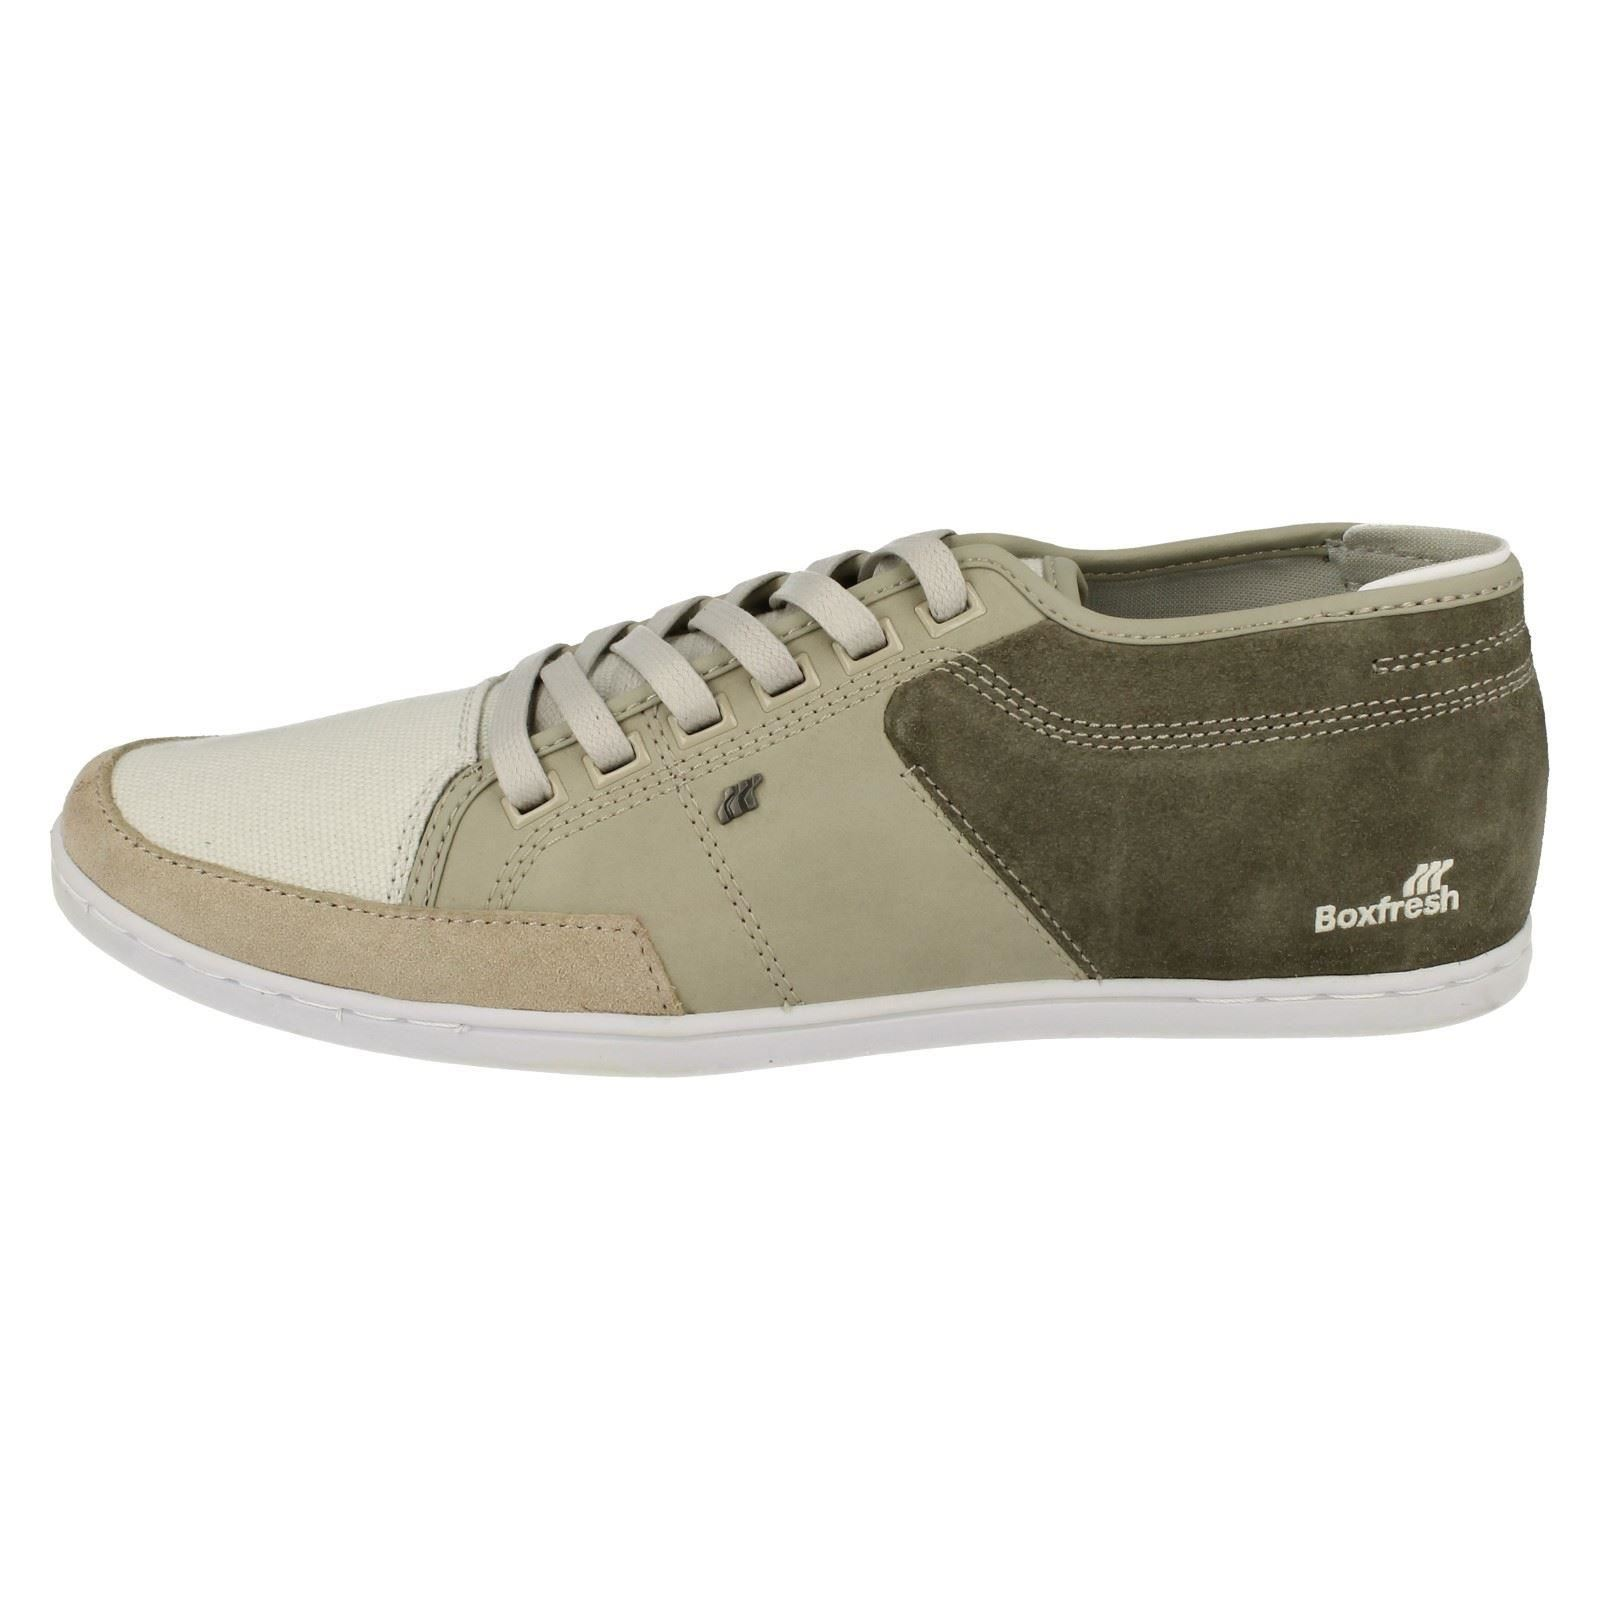 Boxfresh Chaussures À Lacets dfmV4RtRx